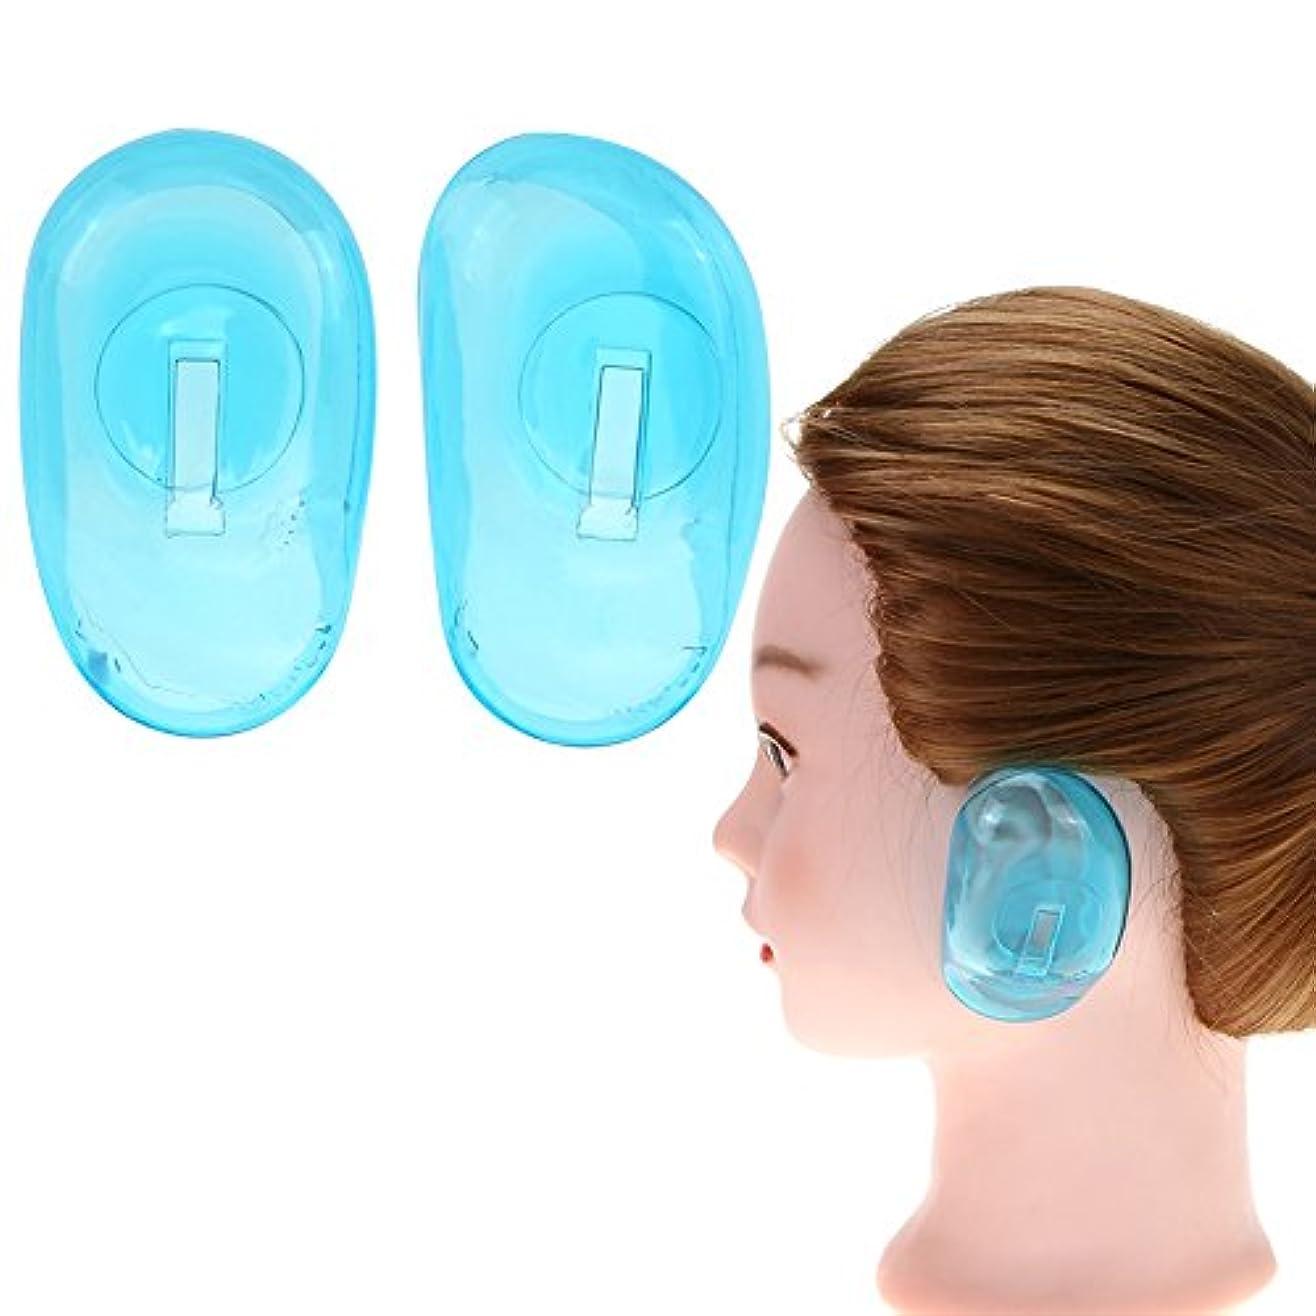 ライトニング防衛保護するRuier-tong 1ペア耳カバー 毛染め用 シリコン製 耳キャップ 柔らかいイヤーキャップ ヘアカラー シャワー 耳保護 ヘアケアツール サロン 洗える 繰り返す使用可能 エコ 8.5x5cm